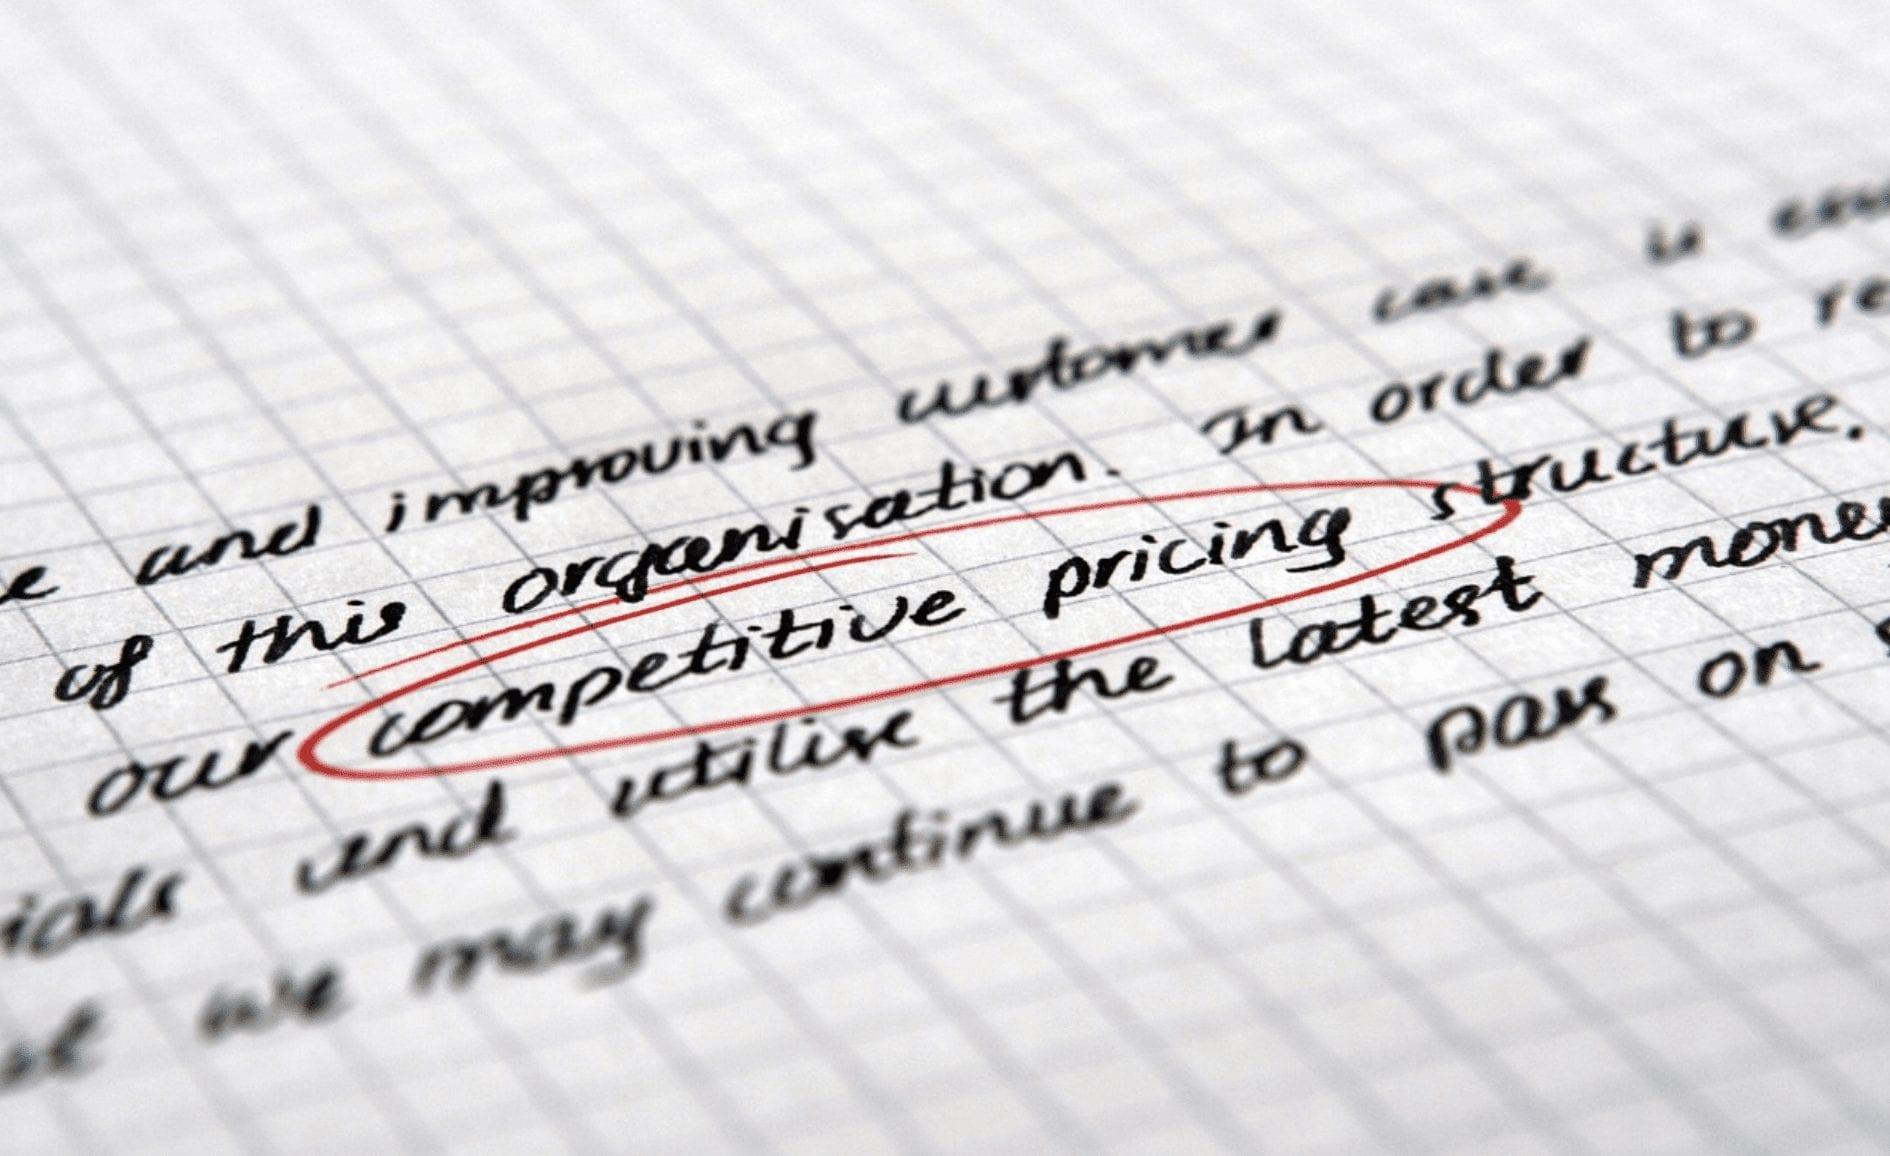 SaaS-Pricing-Models.jpg